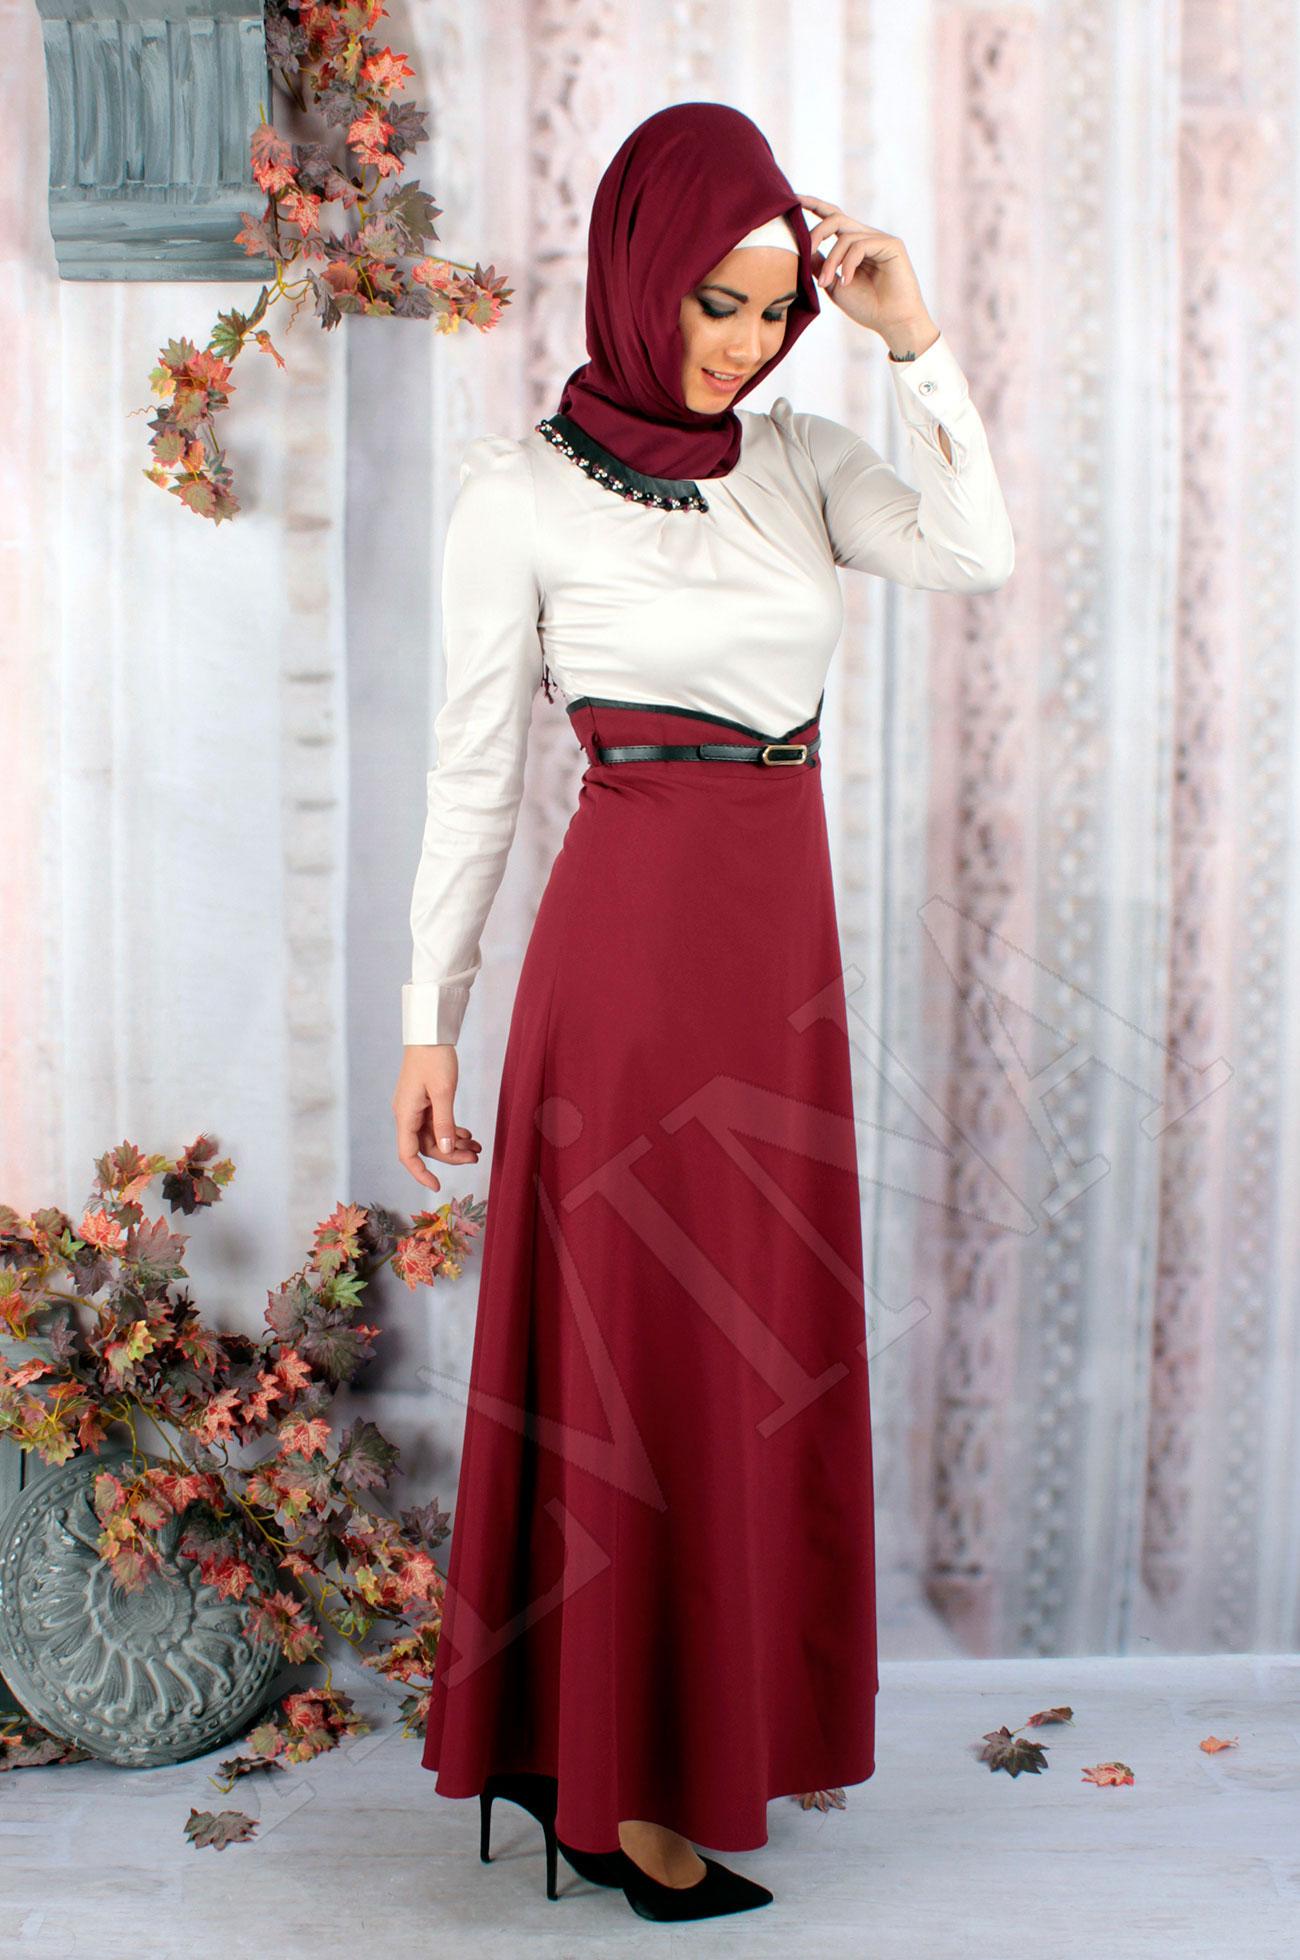 f5100d282c676 Alvina Yeni Moda Tesettür Giyim | Modasyon - Moda, Giyim, Alışveriş ...